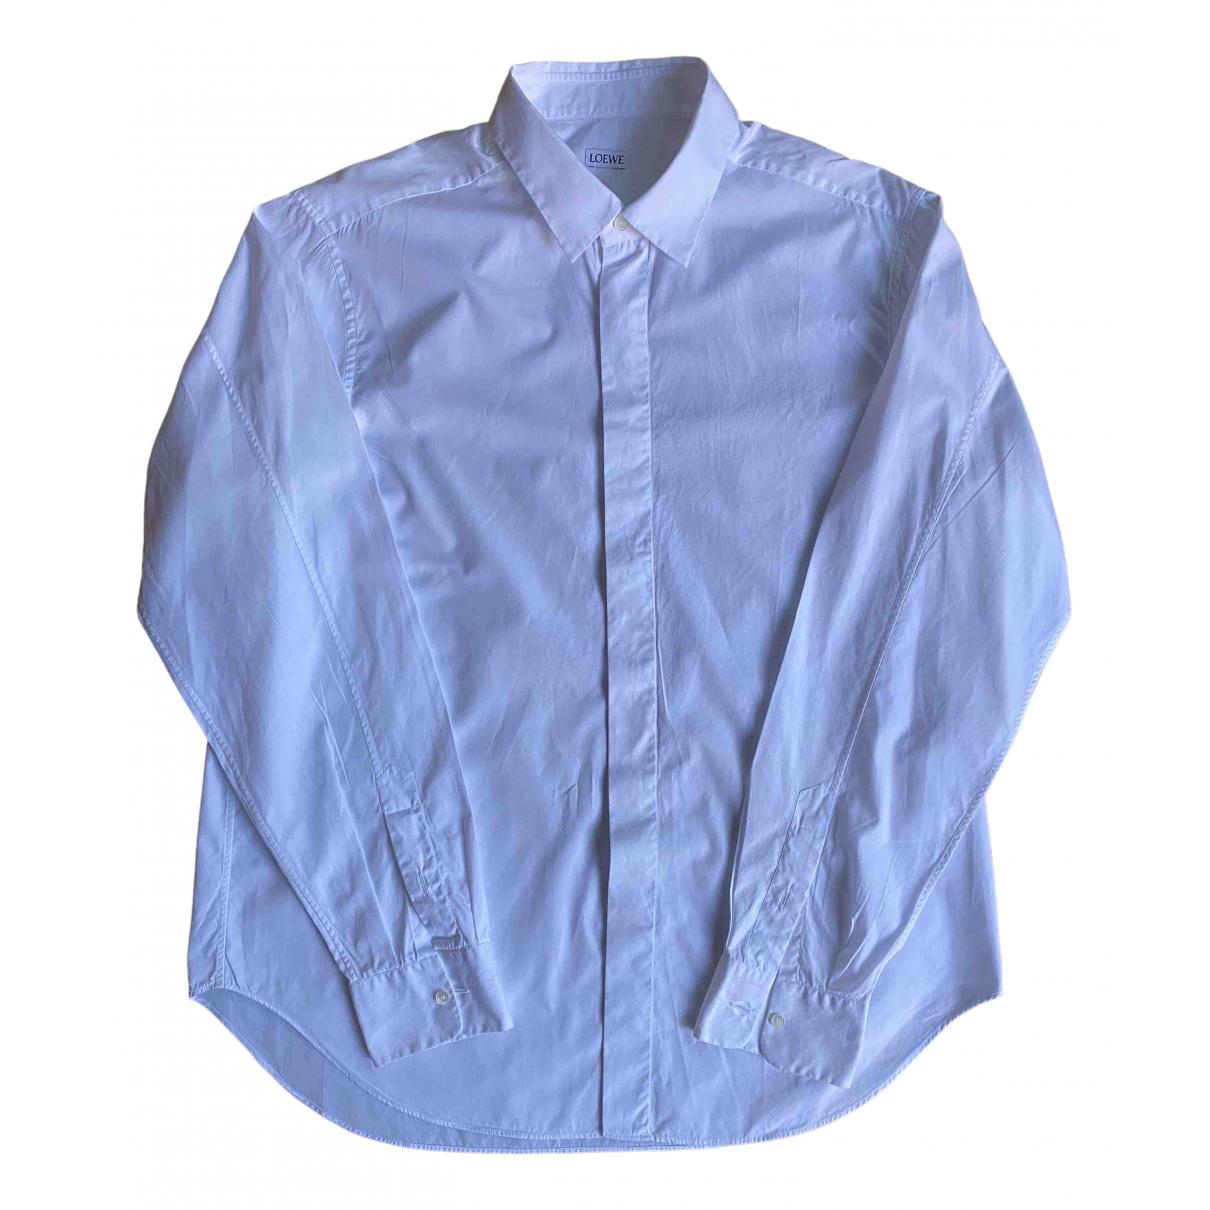 Loewe \N White Cotton Shirts for Men 43 EU (tour de cou / collar)